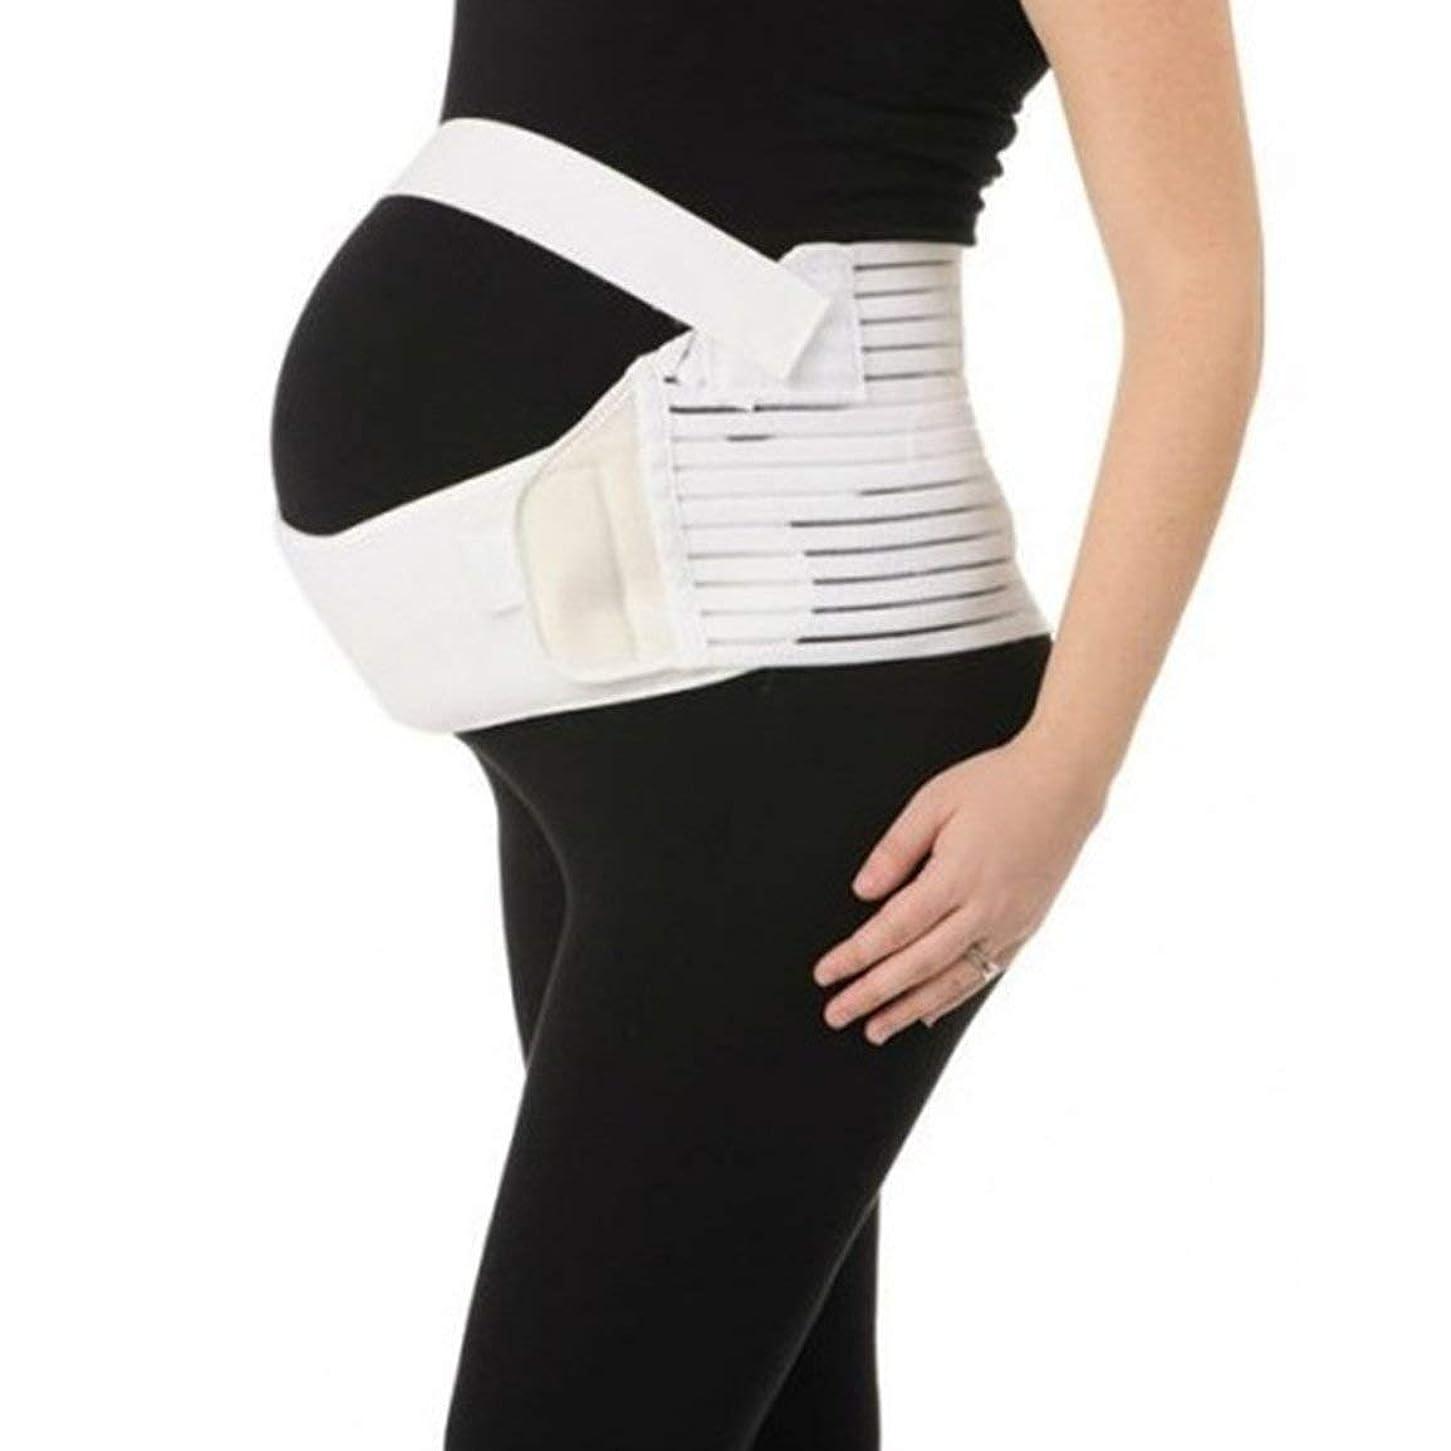 発見後方に微妙通気性マタニティベルト妊娠腹部サポート腹部バインダーガードル運動包帯産後の回復shapewear - ホワイトL